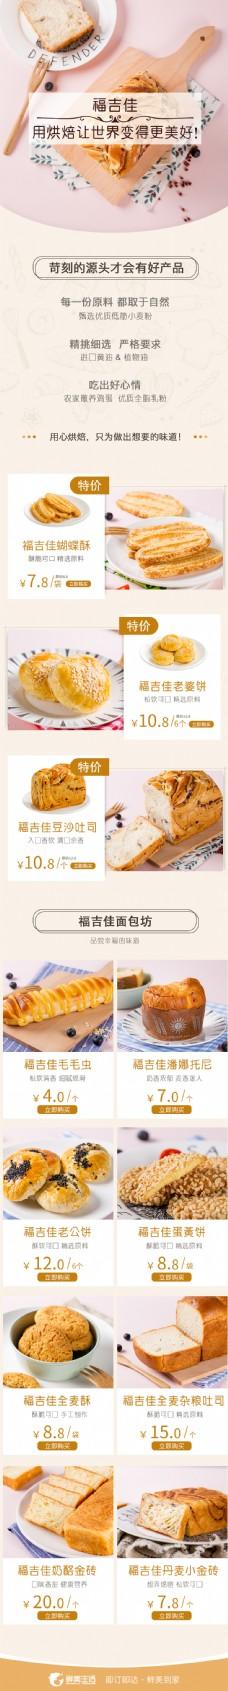 创意美味面包详情页淘宝电商